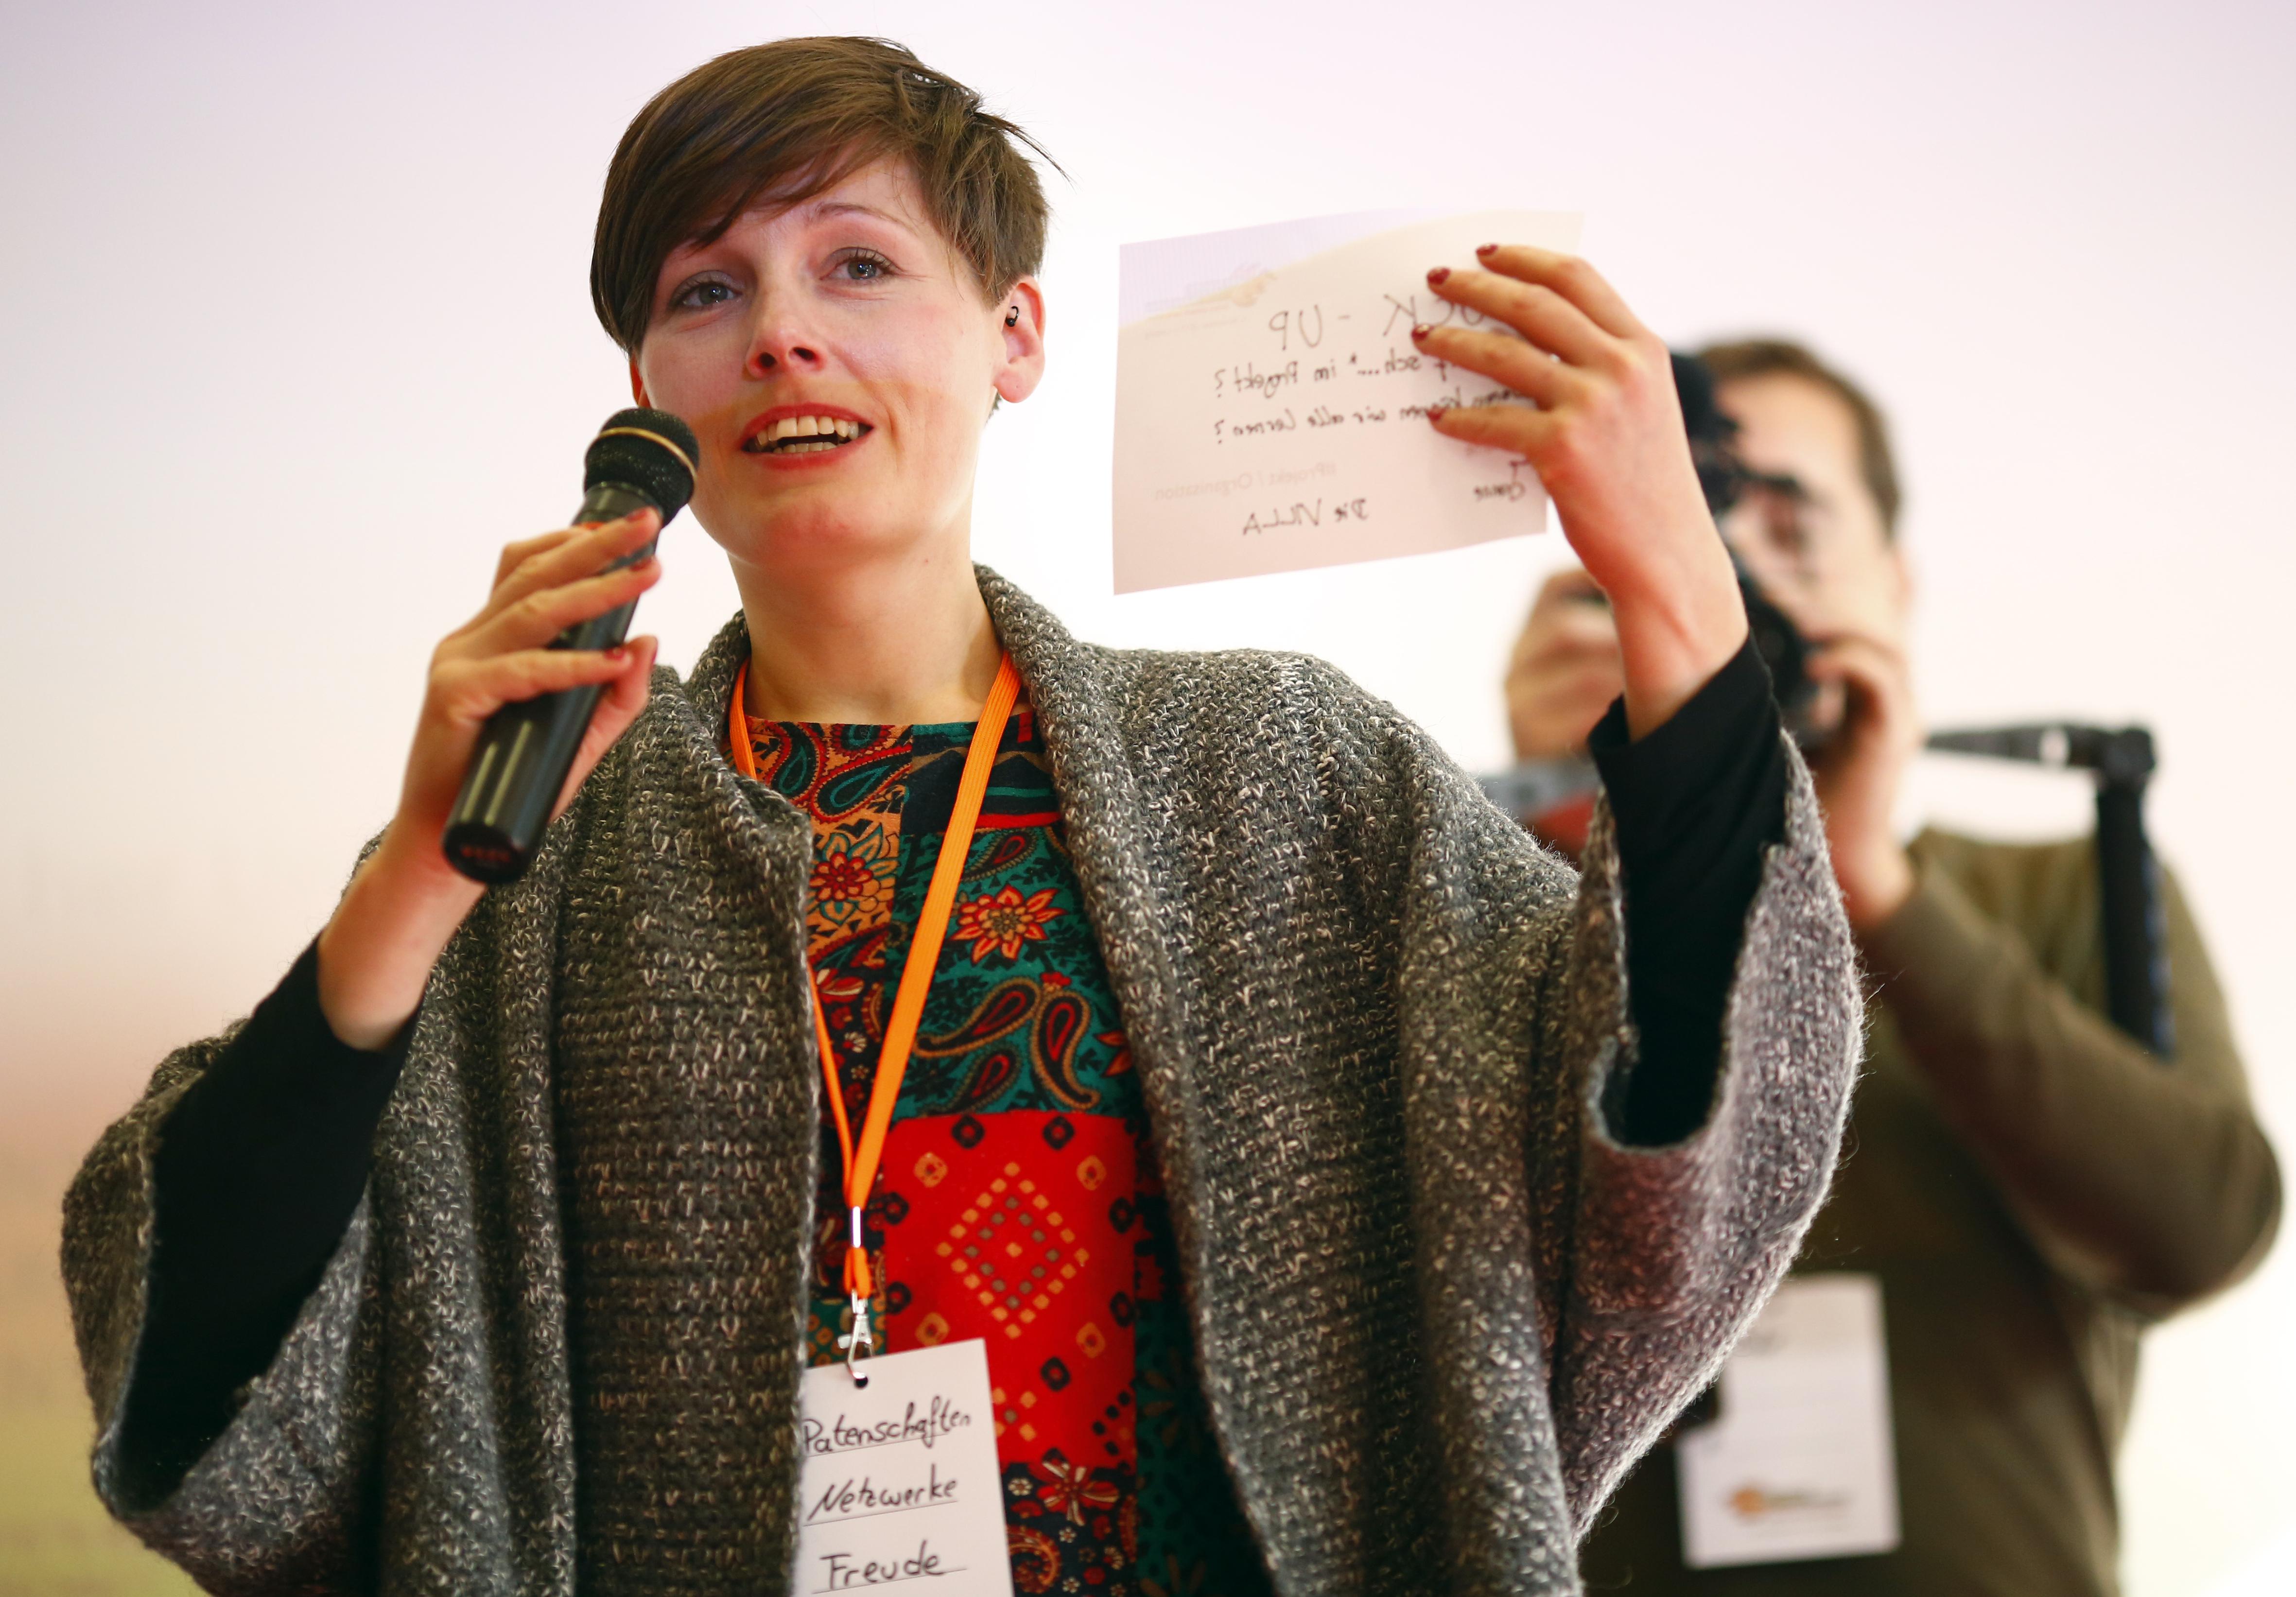 Eine junge Frau spricht in ein Mikro und gestikuliert.